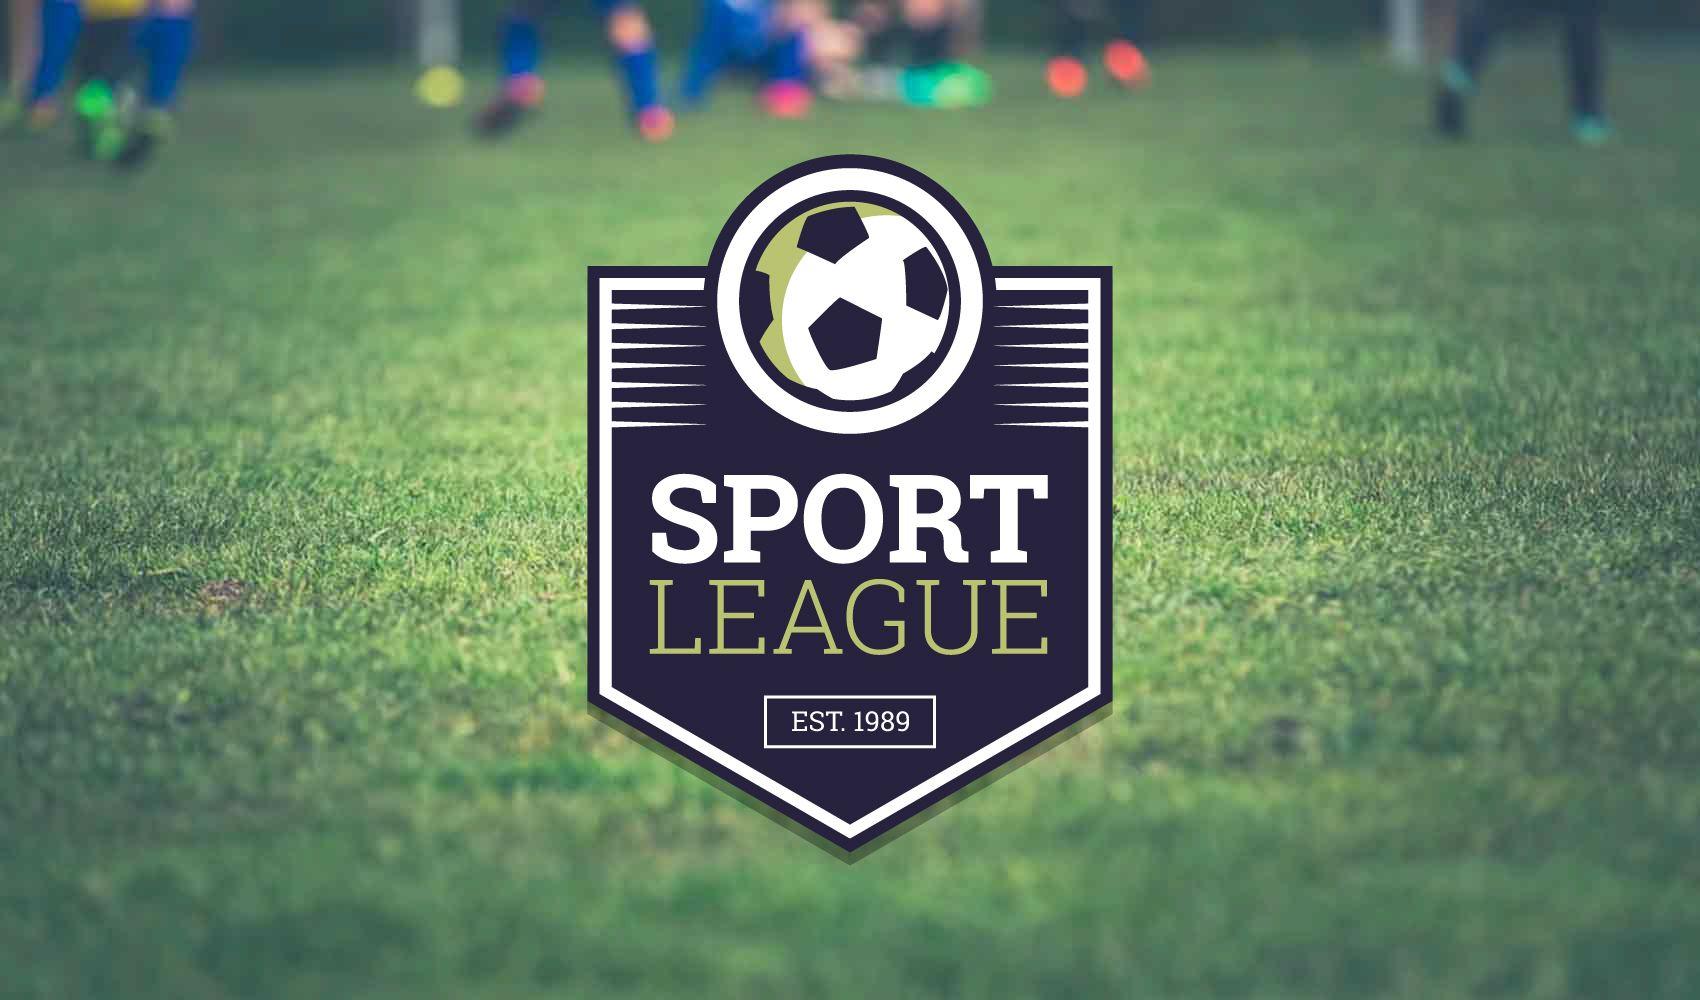 Creador de etiquetas de logotipo del equipo de fútbol